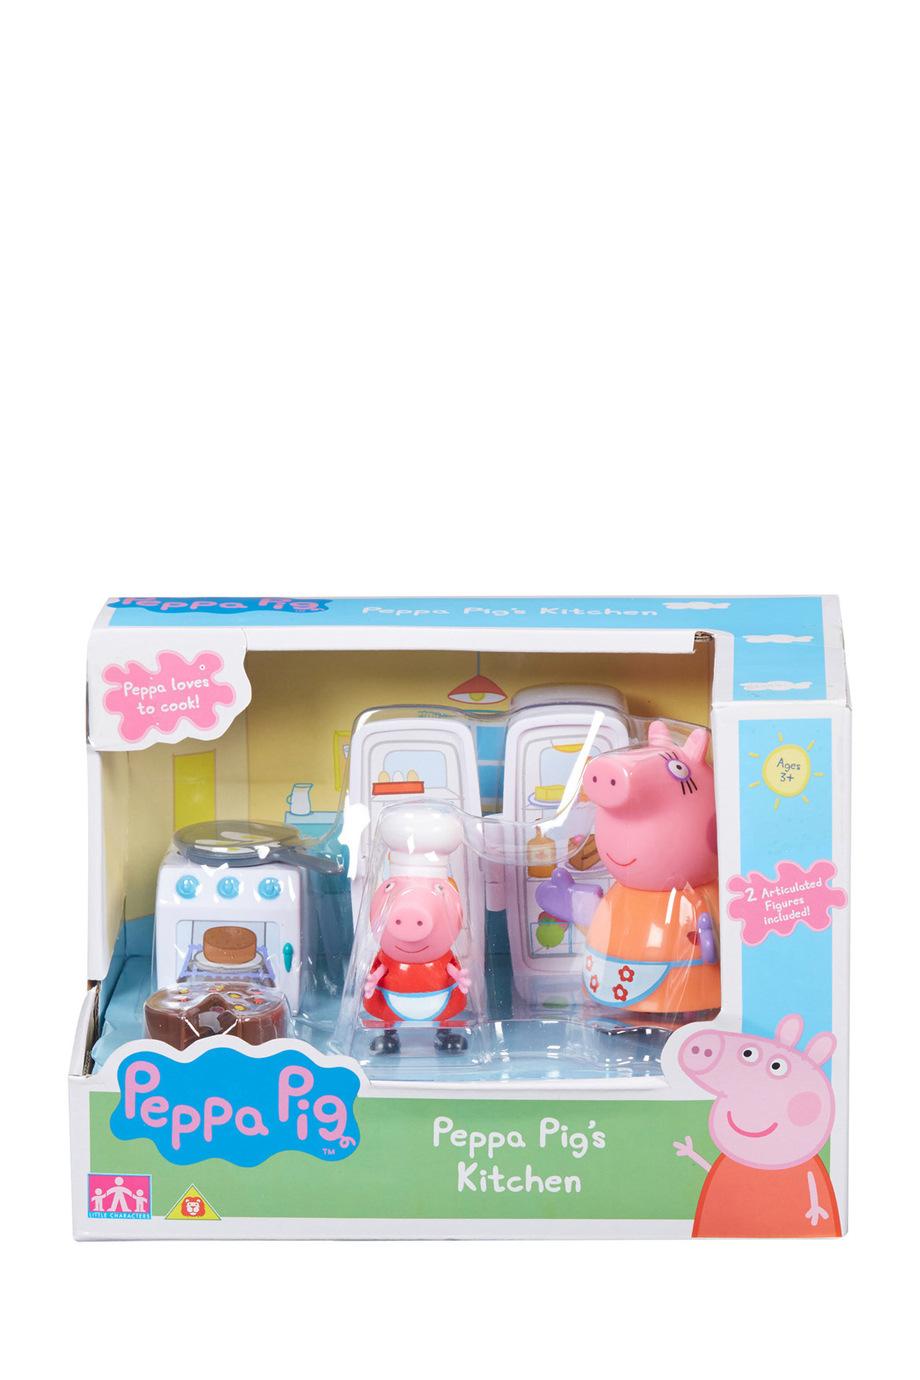 Peppa Pig   Kitchen Playset   Myer Online